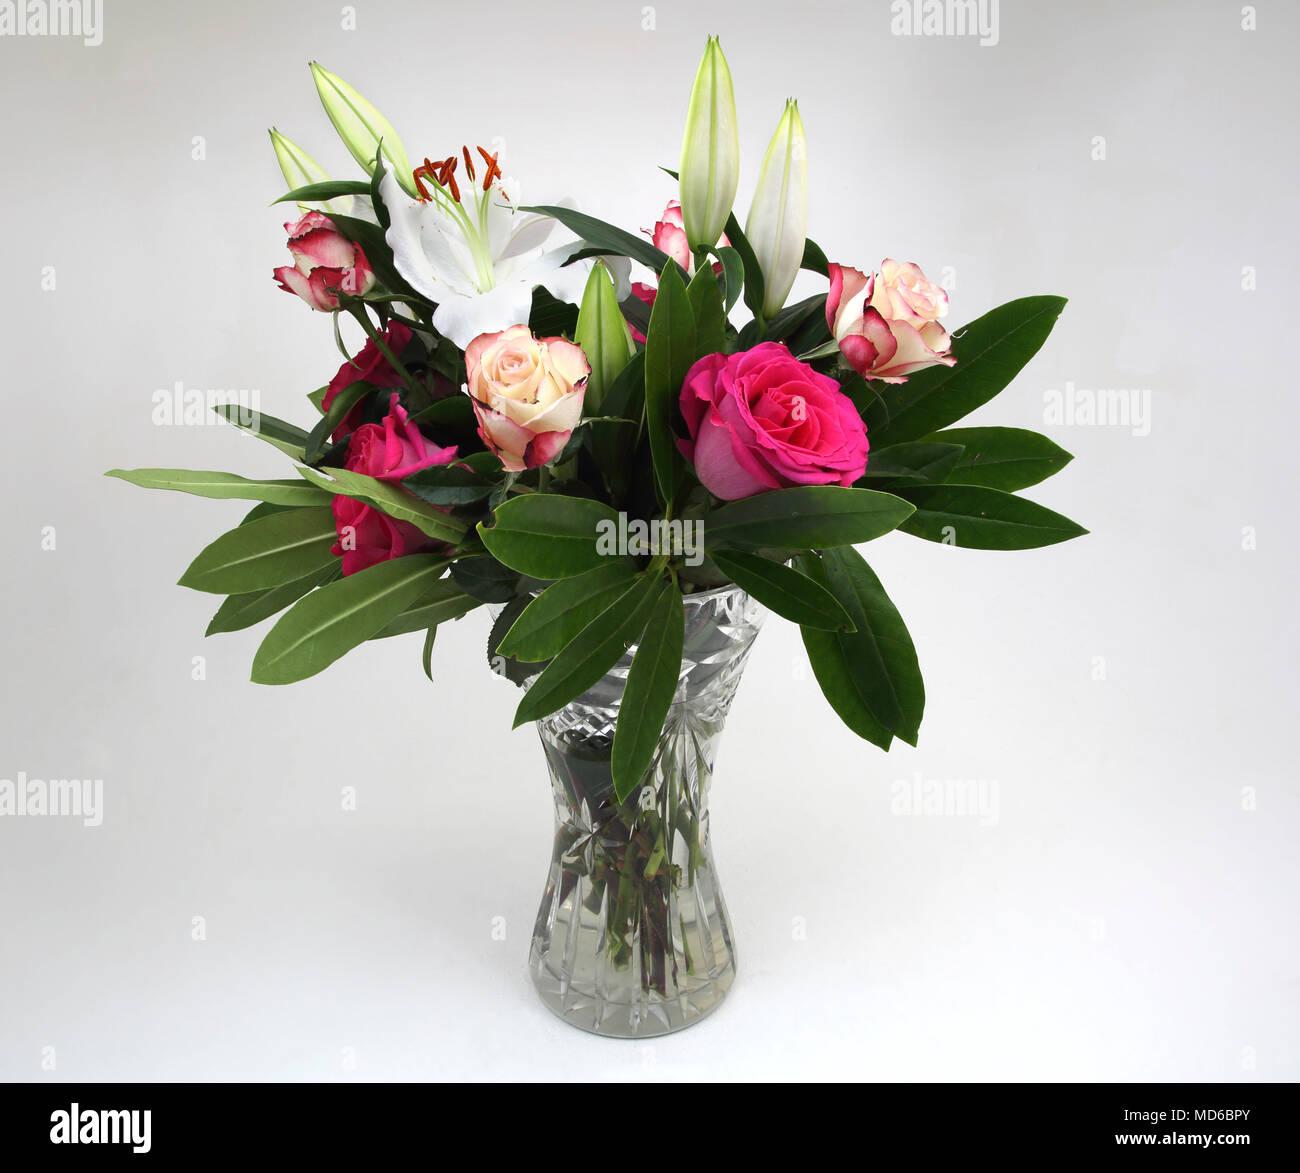 Mazzo Di Fiori In Vaso.Mazzo Di Fiori Di Rose E Gigli In Vetro Cristallo Vaso Foto